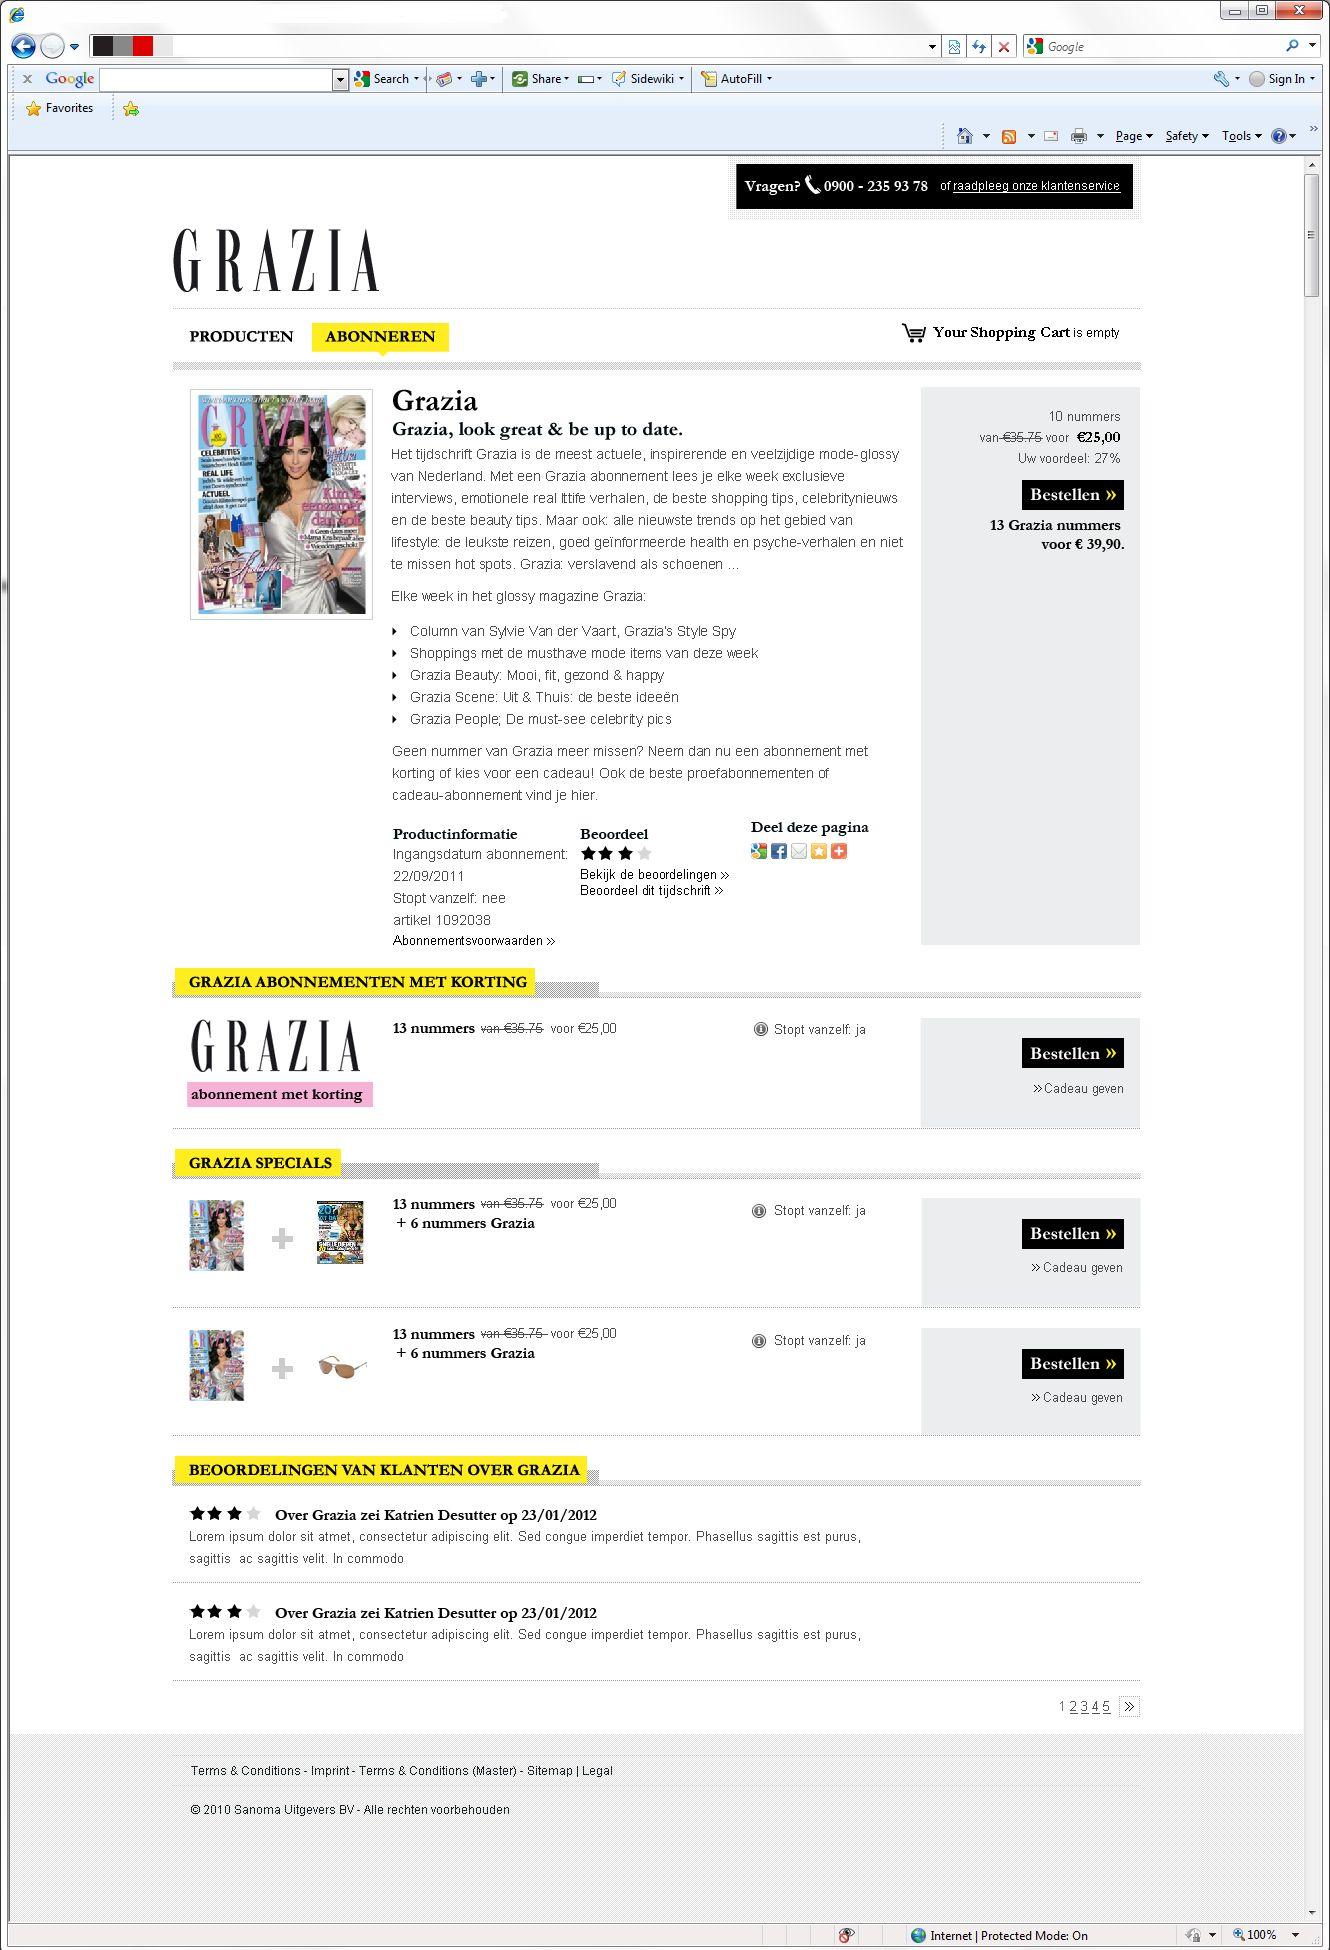 Grazia webshop